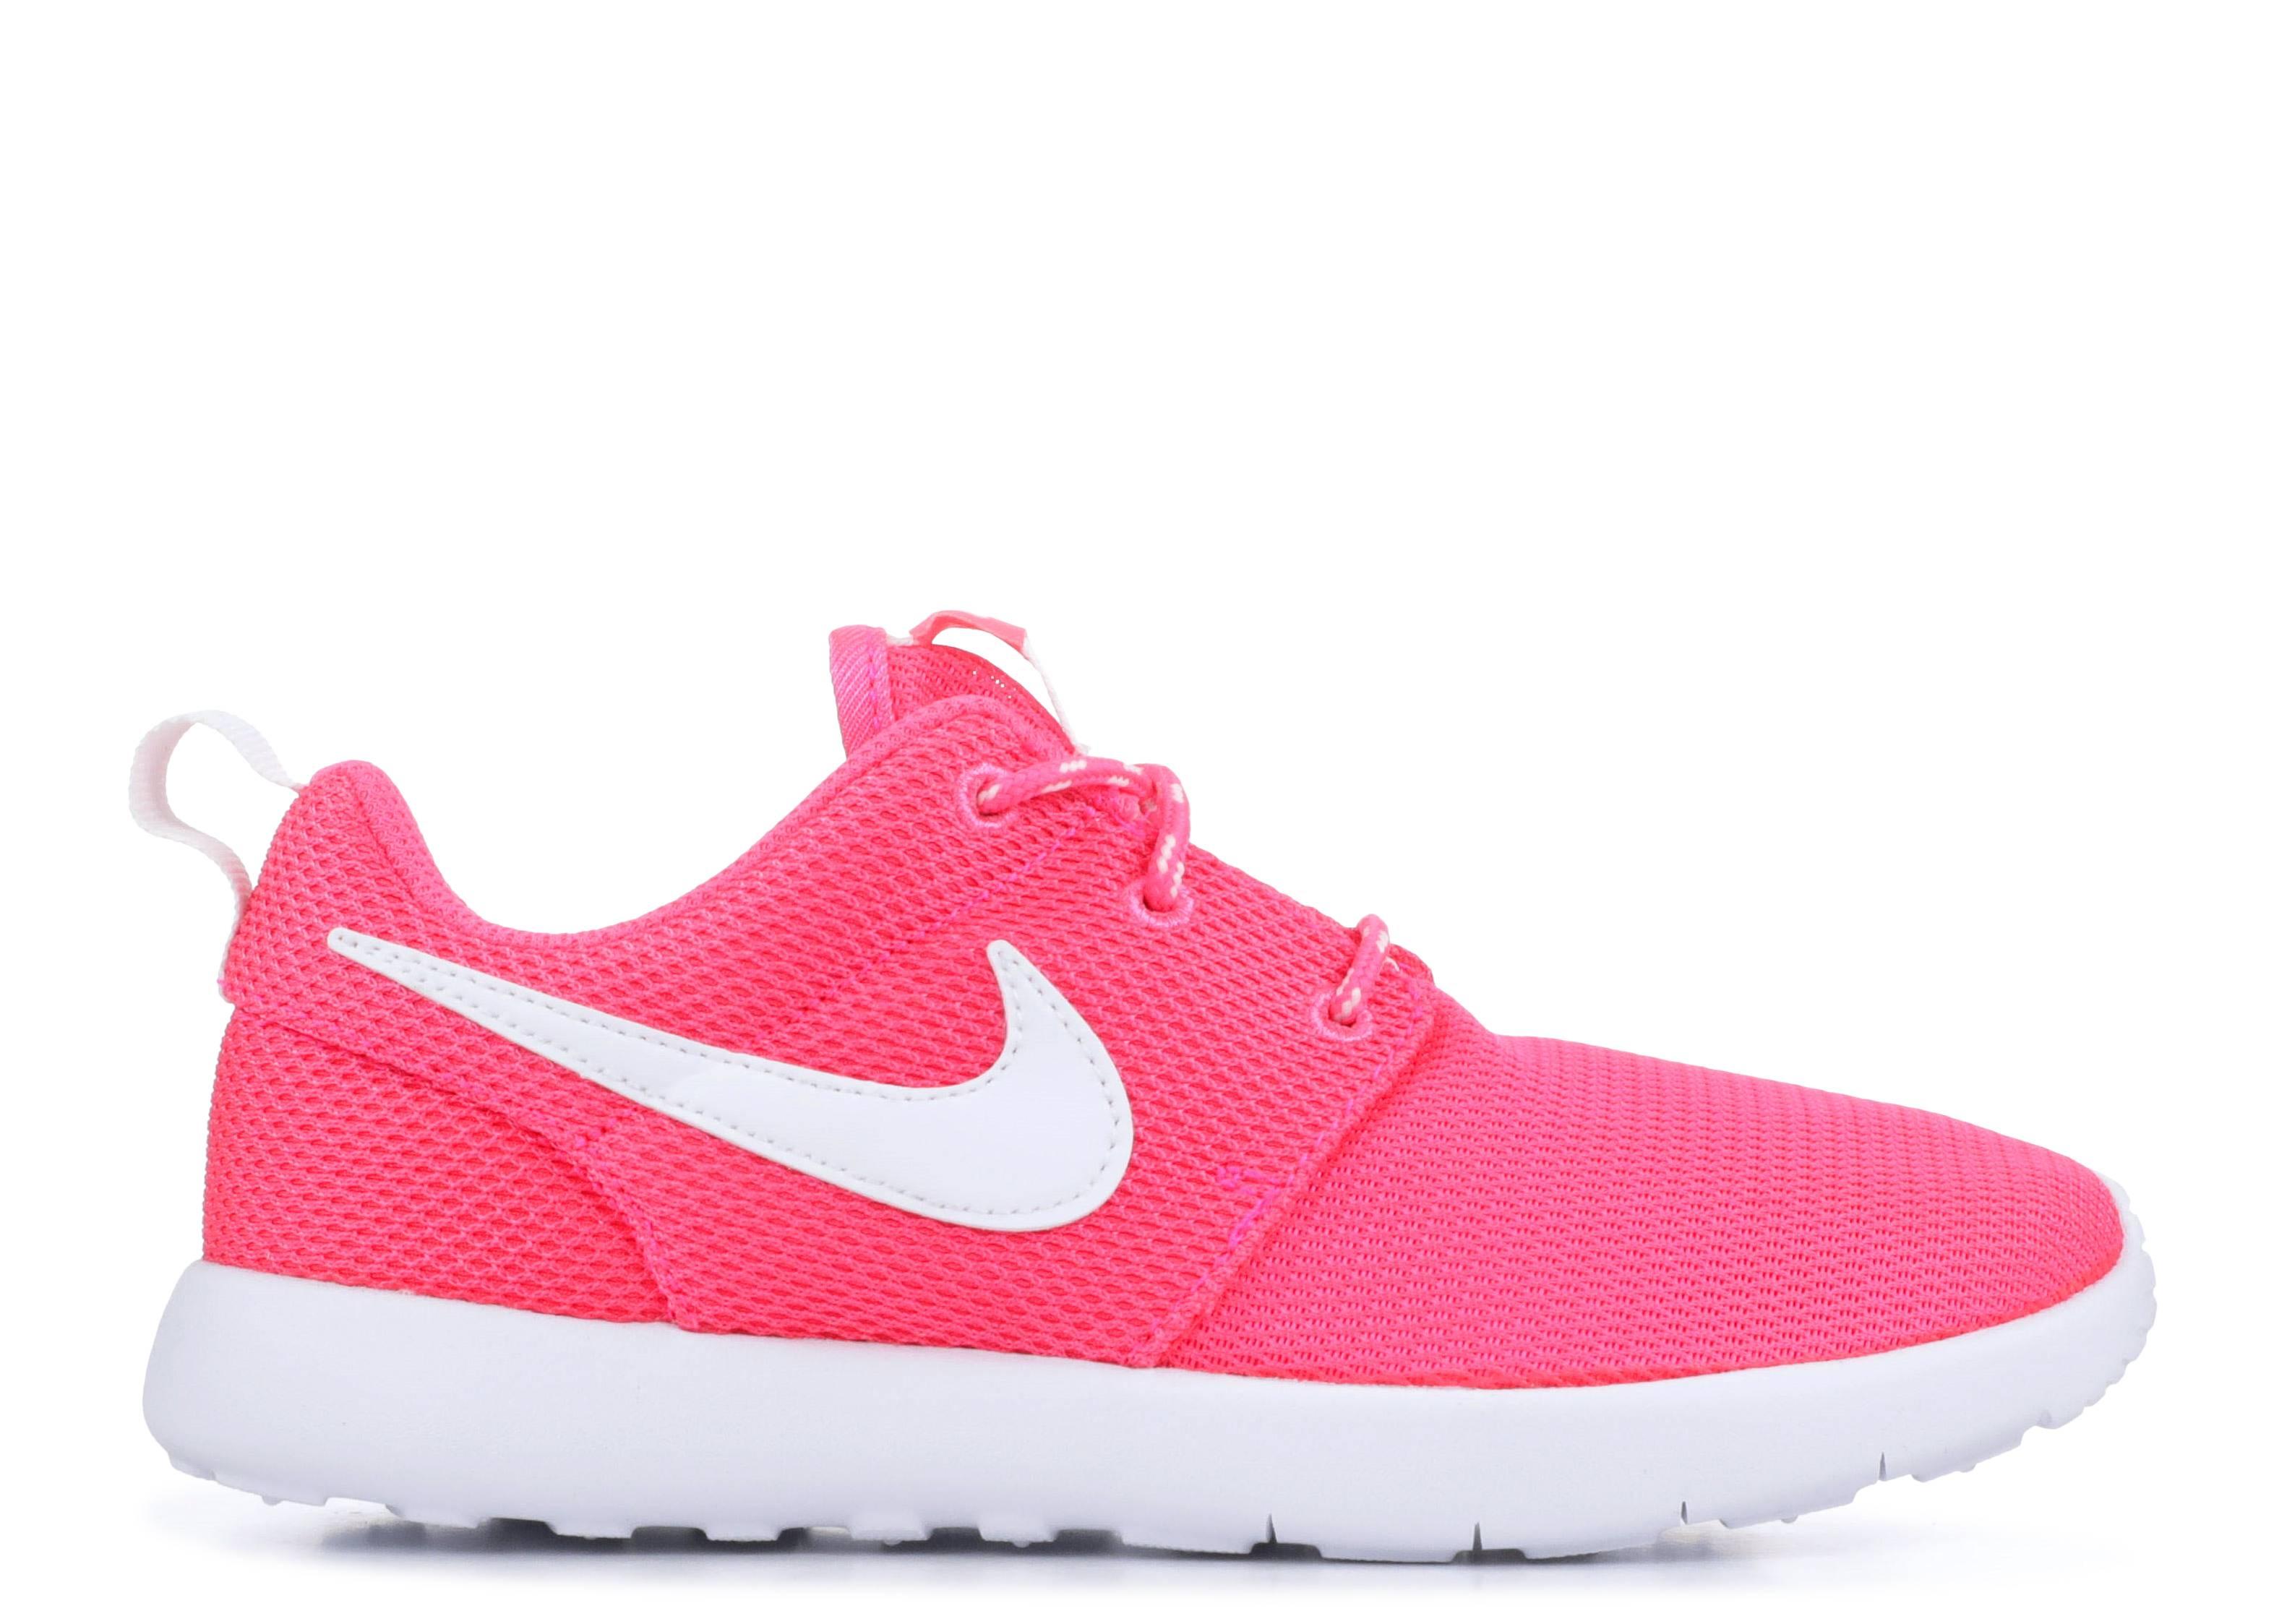 72d9ef9b1ecc Roshe One PS - Nike - 749422 609 - hyper pink white